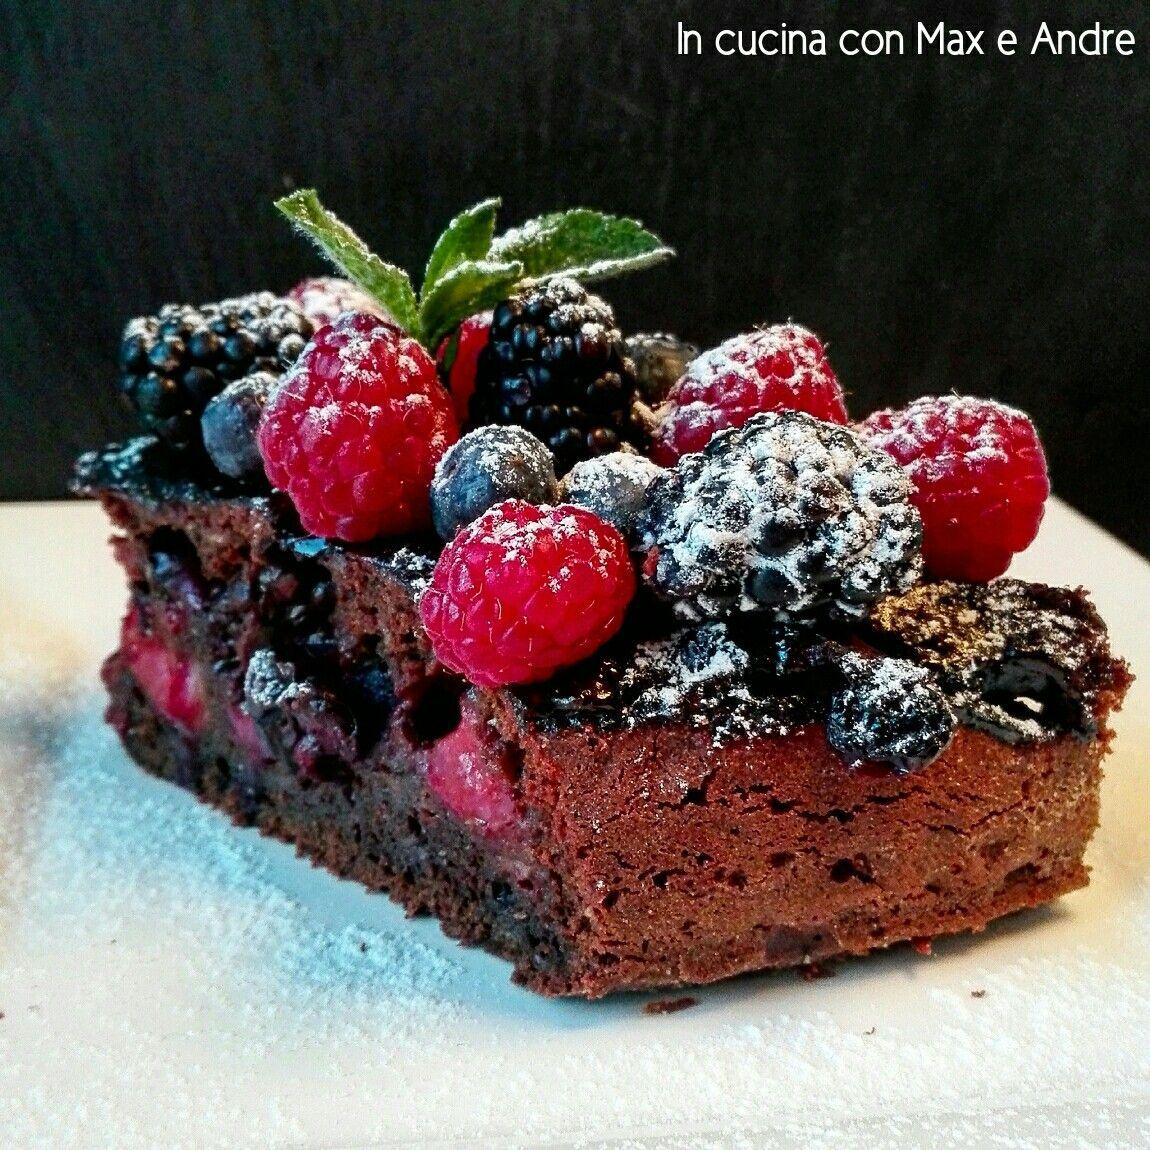 """TORTA AL CIOCCOLATO E FRUTTI DI BOSCO """"WEEKEND'S BRUNCH"""" Ecco qua un dolce di facile realizzazione ma di massima resa... un bel contrasto tra il sapore acidulo dei frutti e la dolcezza del cioccolato... da non perdere!!! #incucinaconmaxeandre Link: http://www.incucinaconmaxeandre.it/wordpress/?p=1790"""